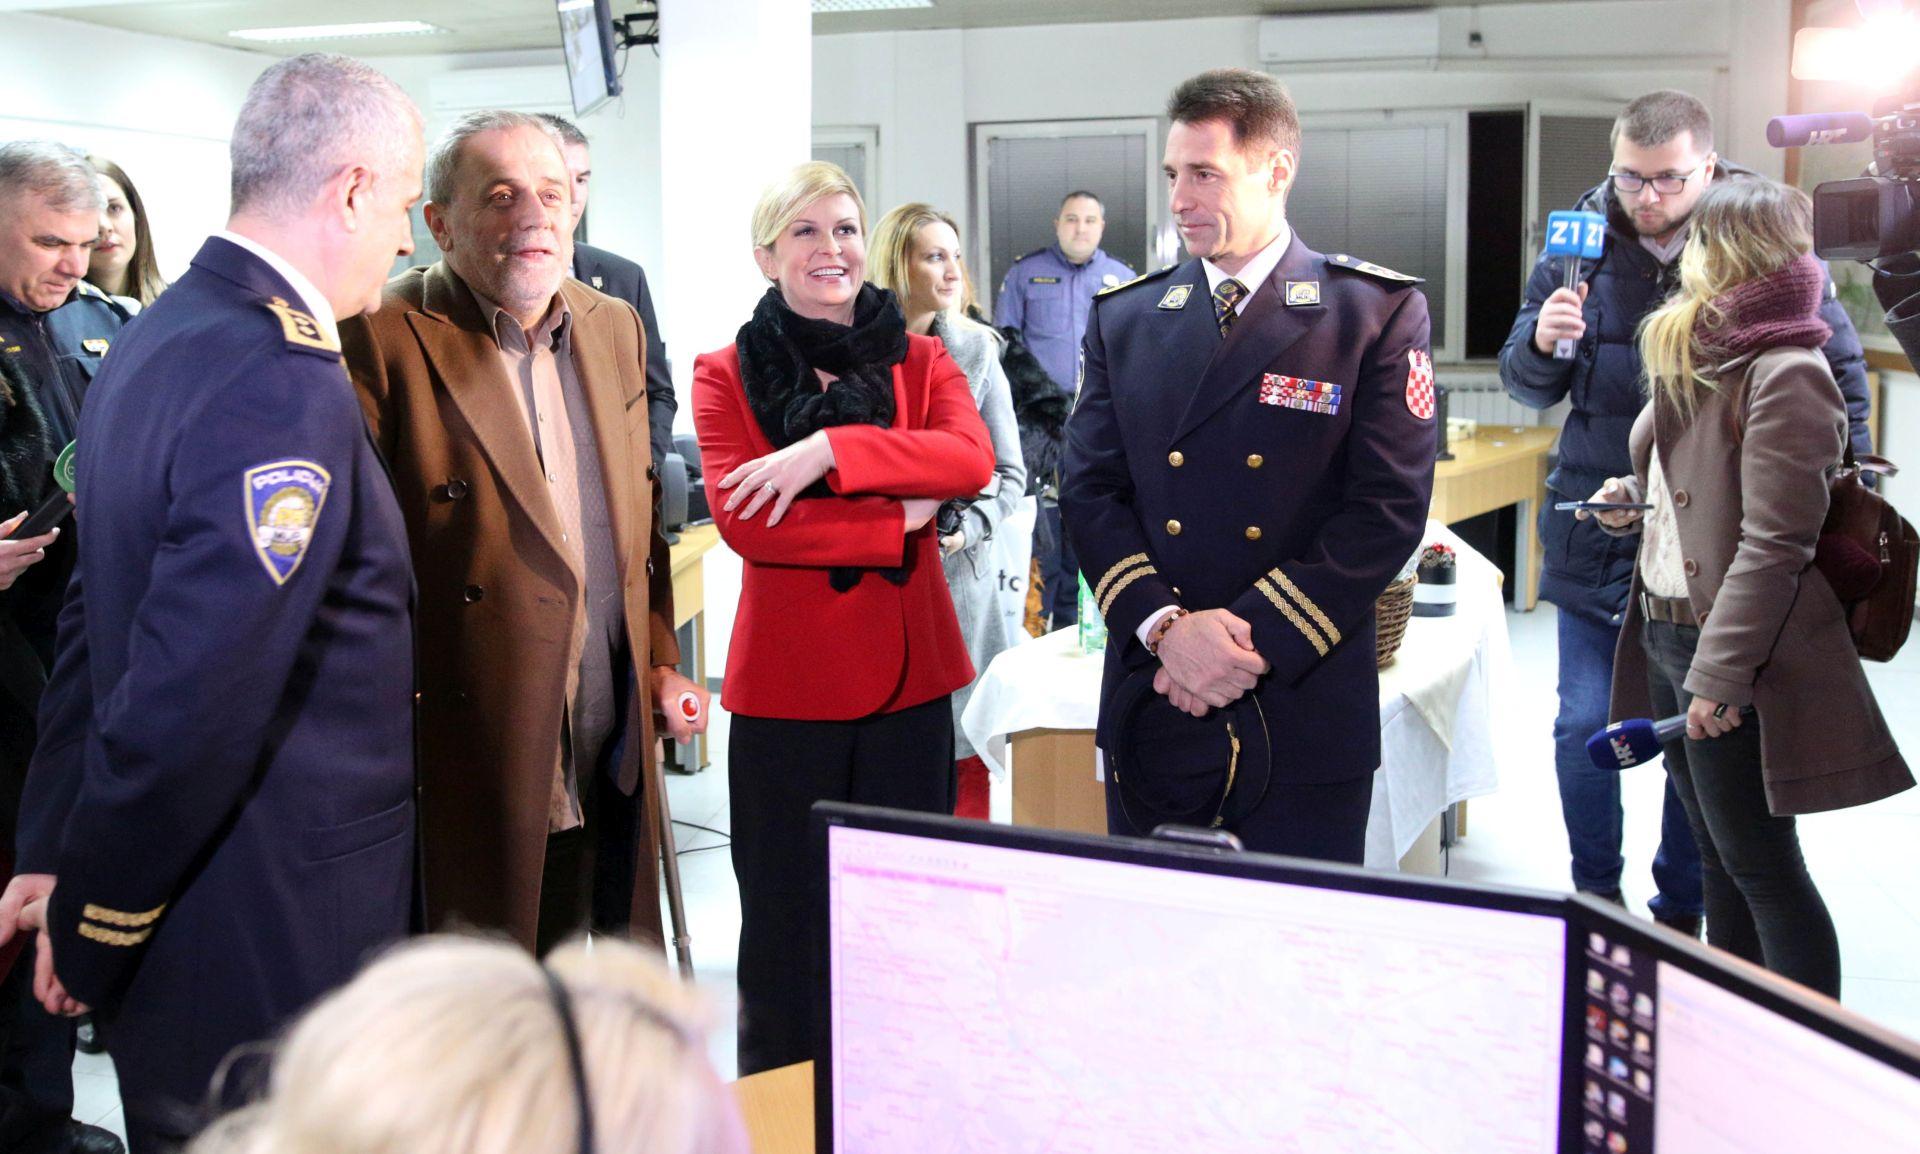 Predsjednica 2019. dočekala sa zagrebačkim vatrogascima i policajcima